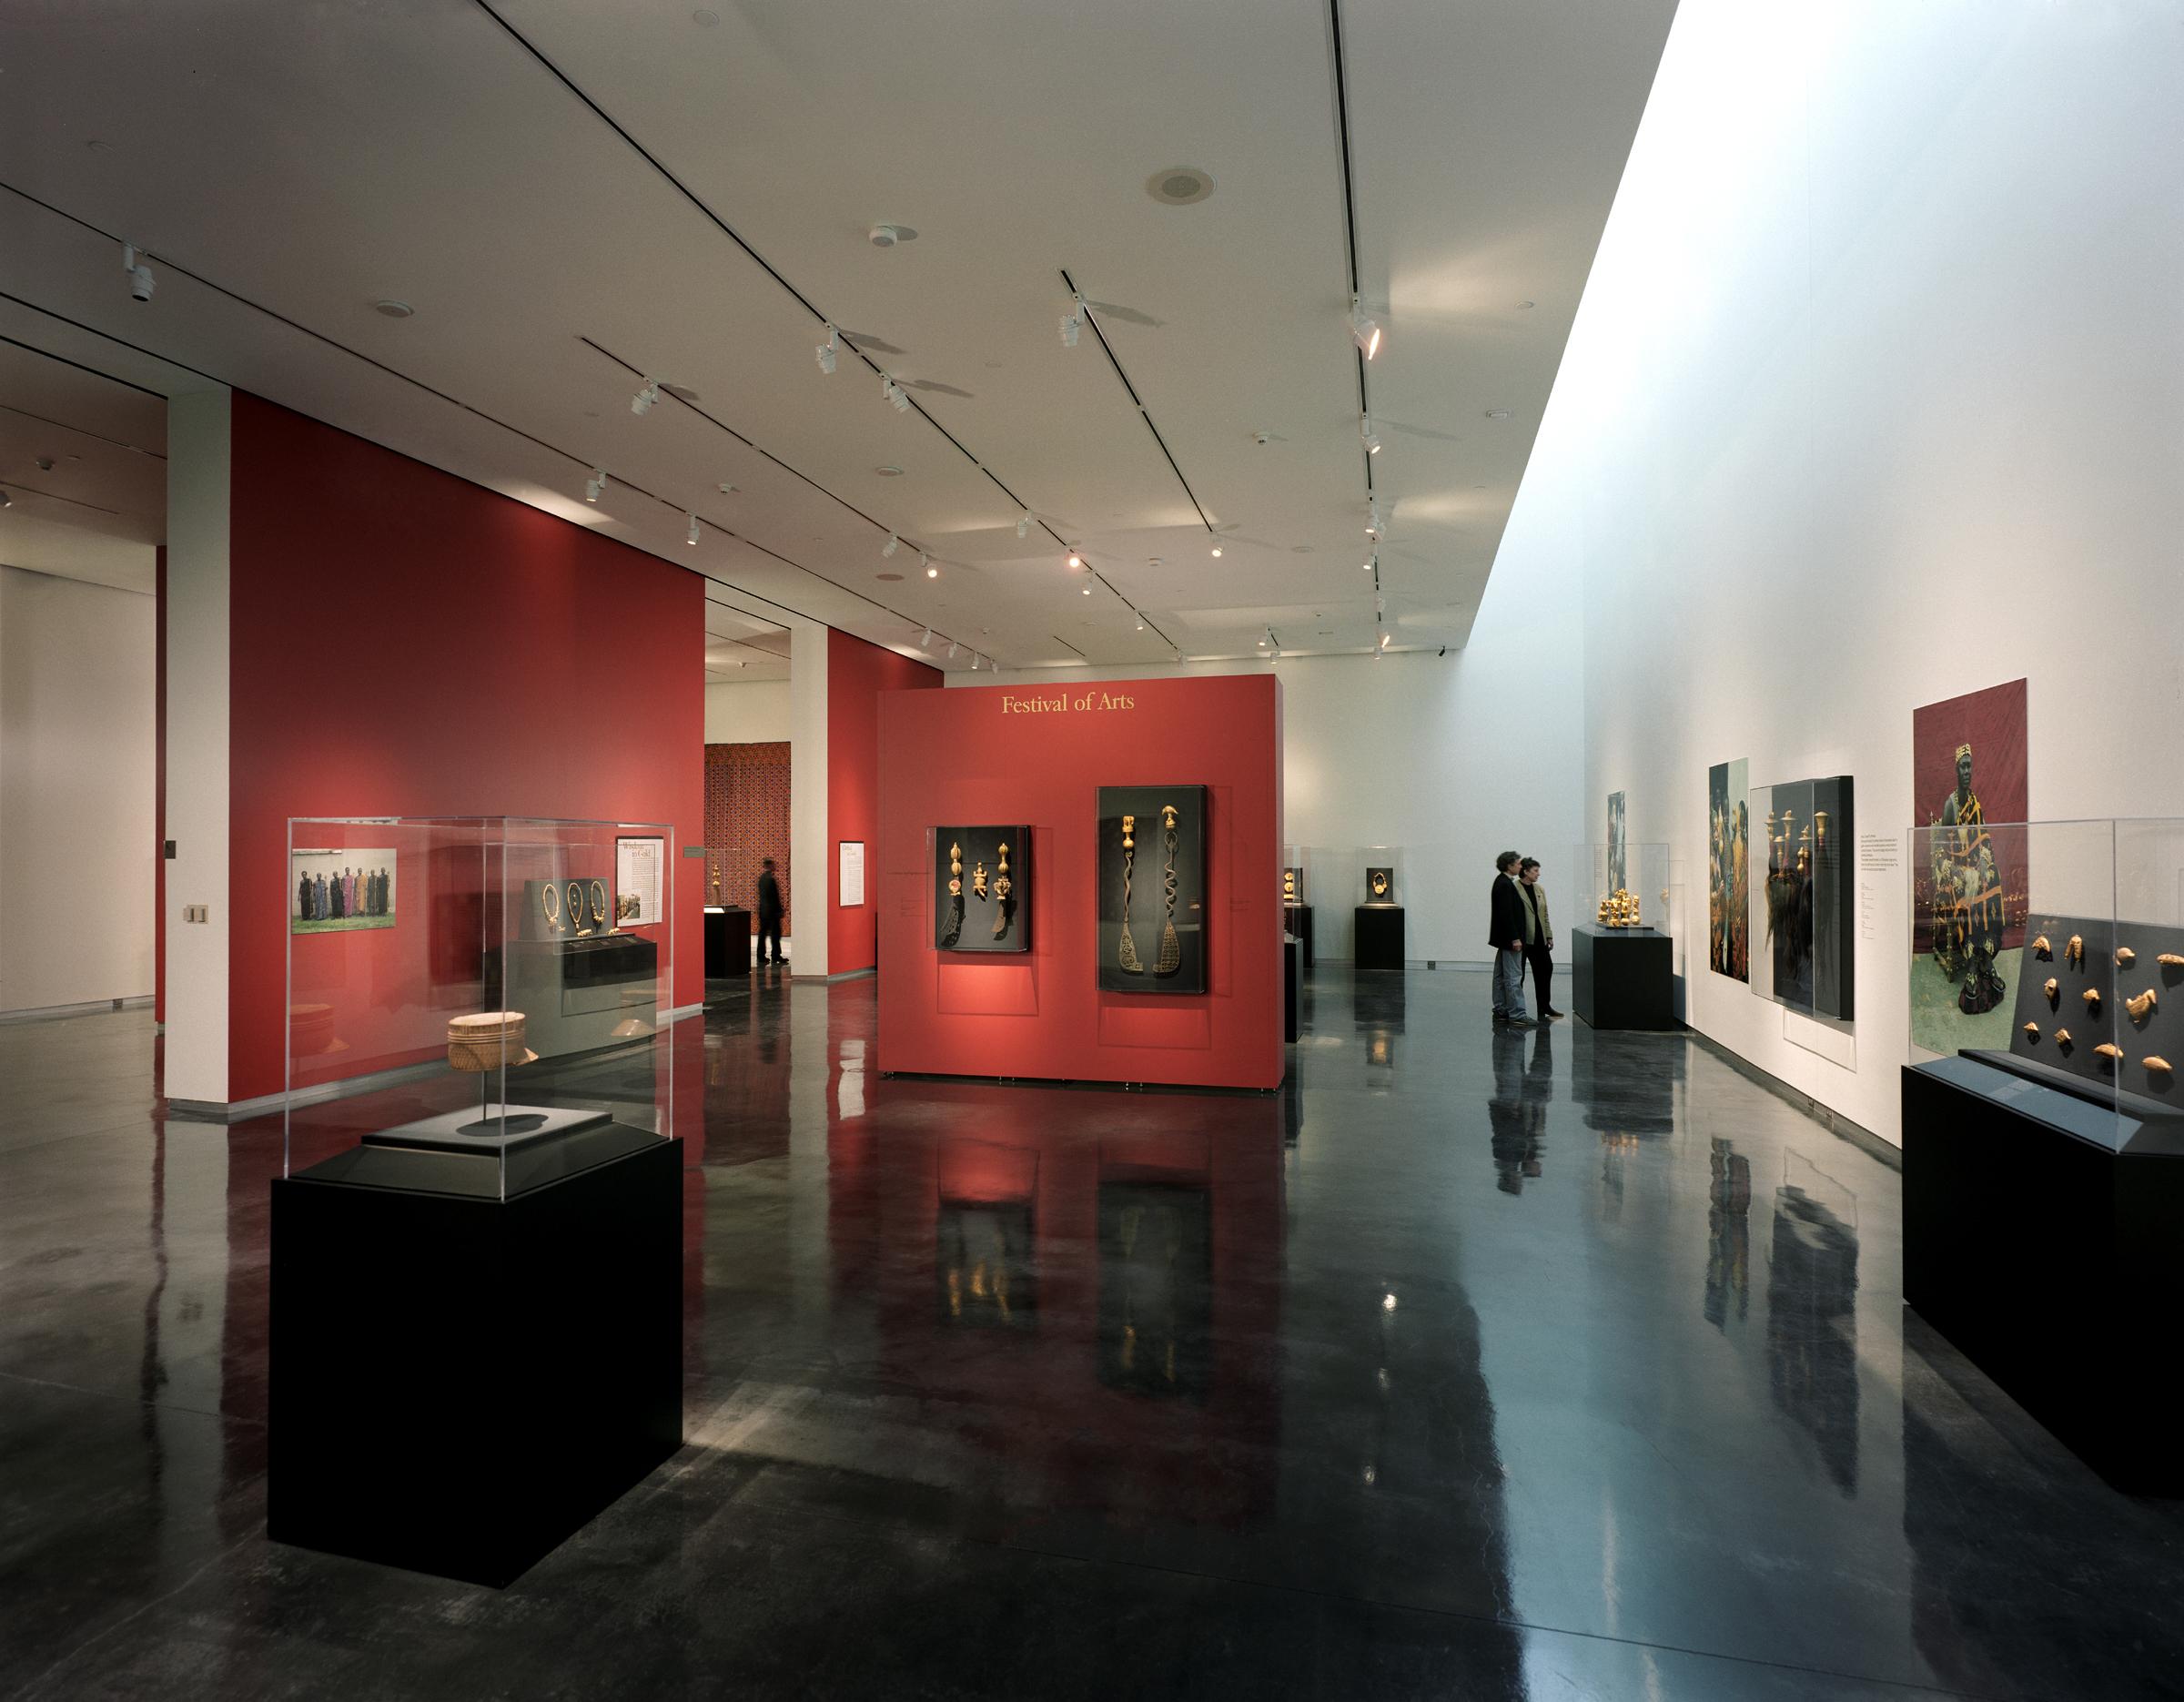 ps-84427-int-gallery-north copy.jpg